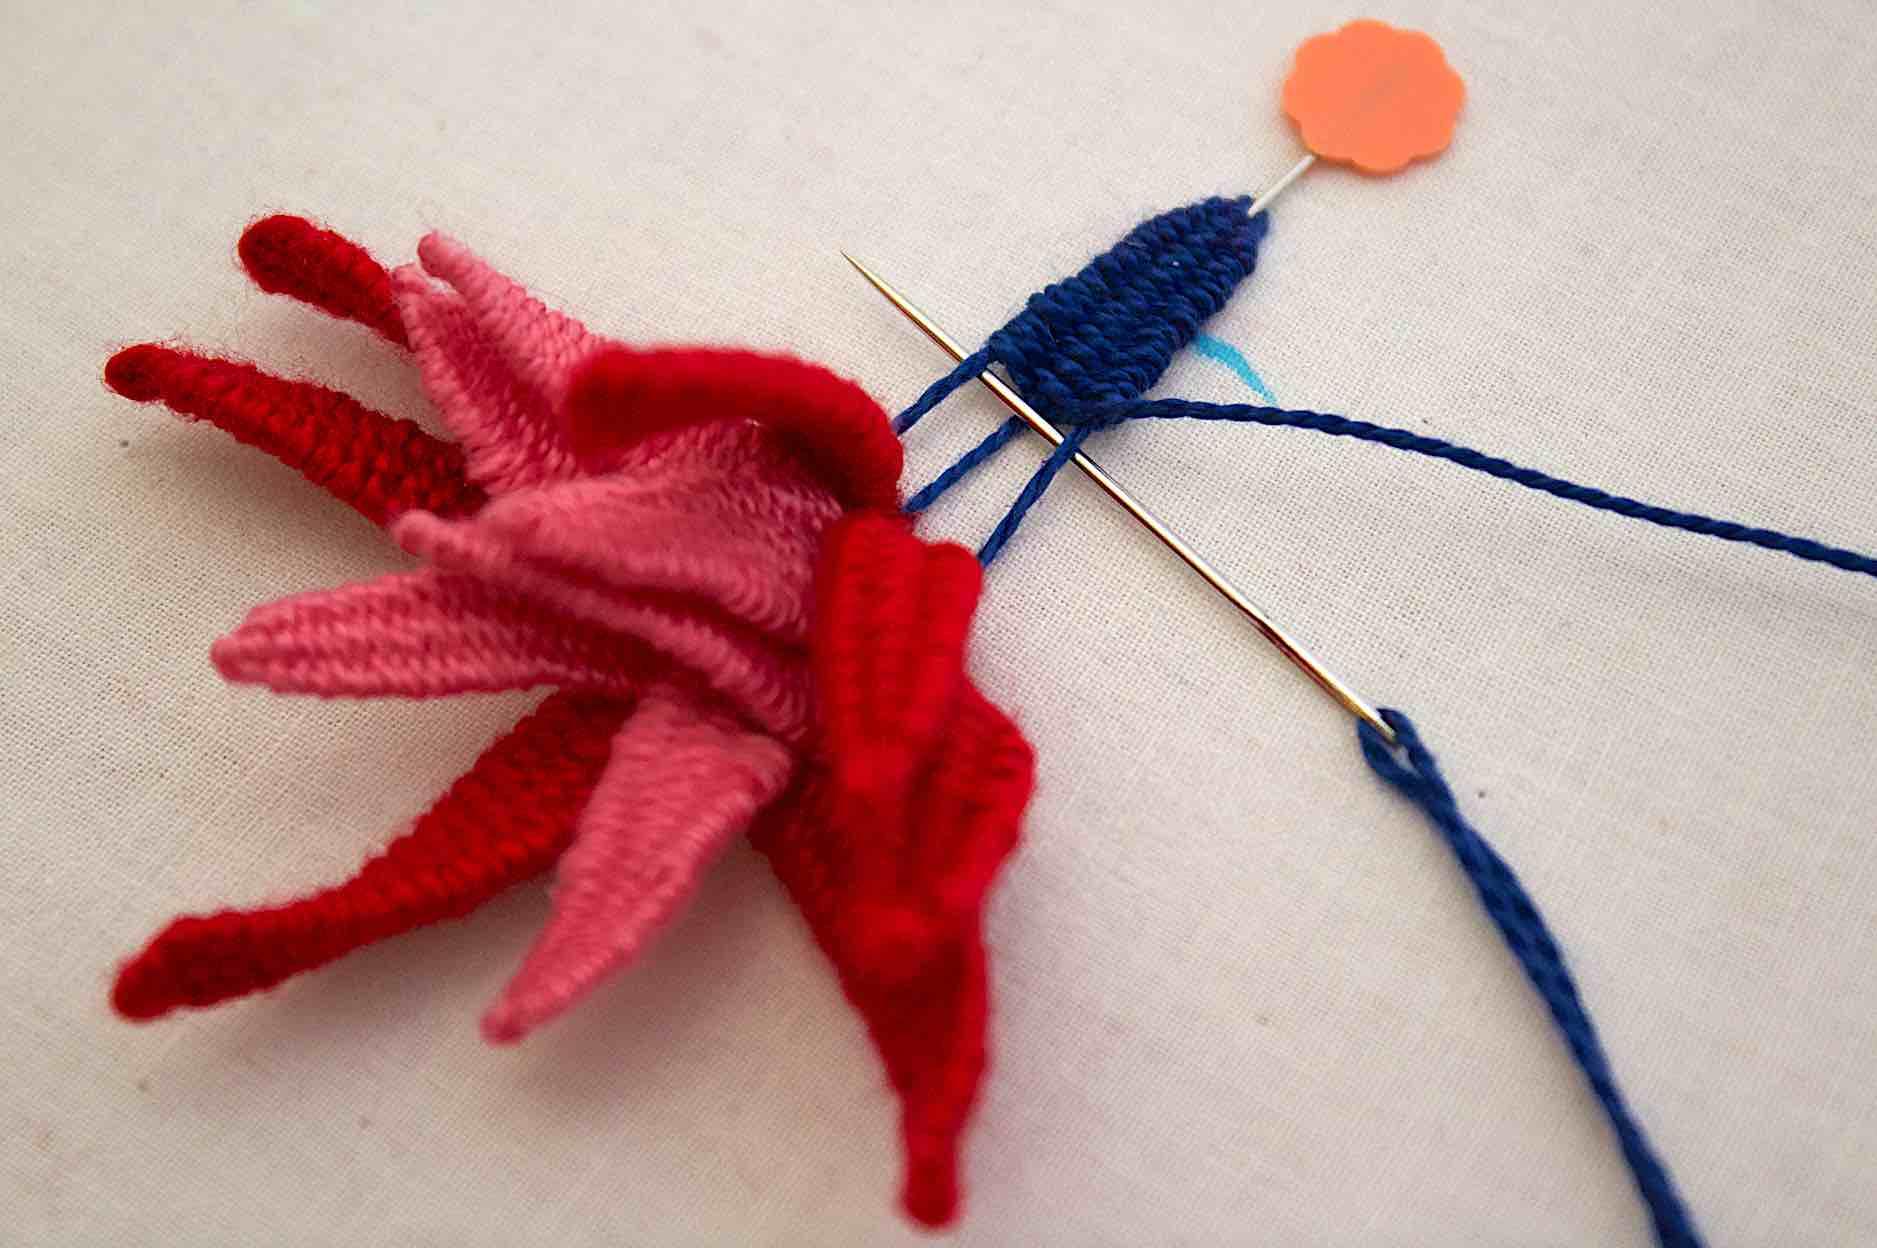 più giri si ricamano e più ricco risulterà il fiore, usare colori e filati diversi, accentua il gioco di tridimensionalità del punto picot stitch